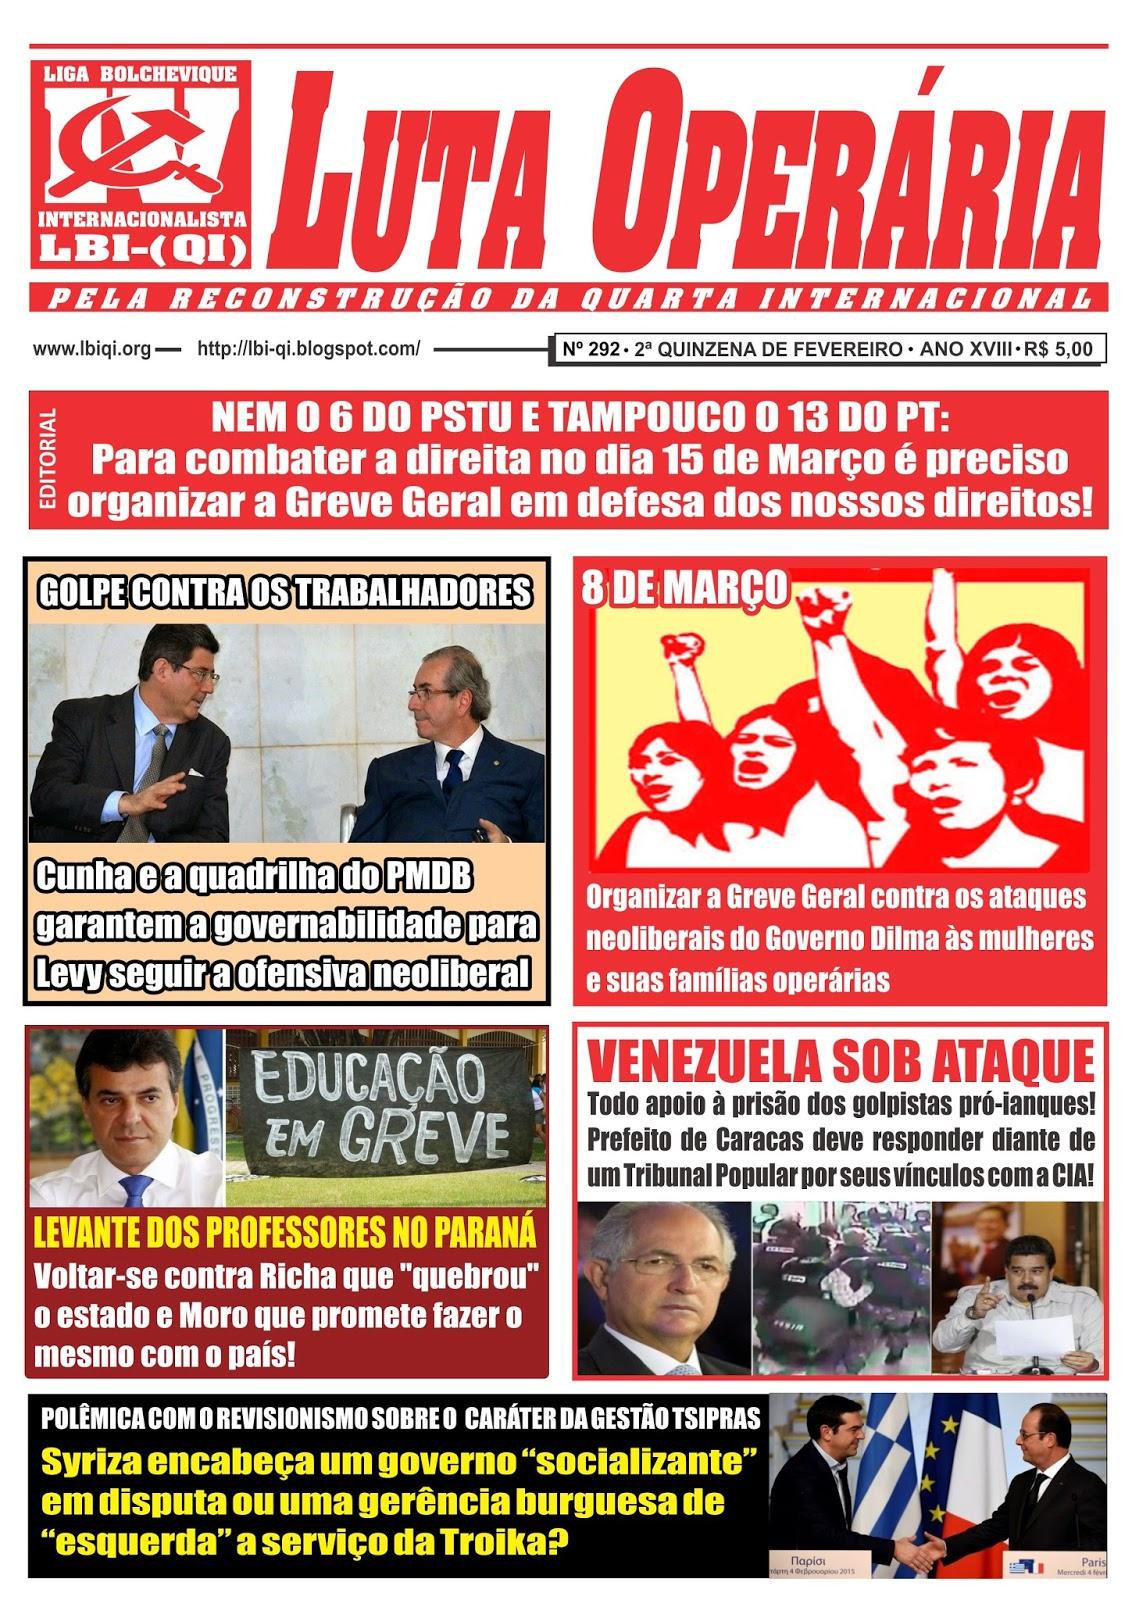 LEIA A EDIÇÃO DO JORNAL LUTA OPERÁRIA Nº 292, 2ª QUINZENA DE FEVEREIRO/2015